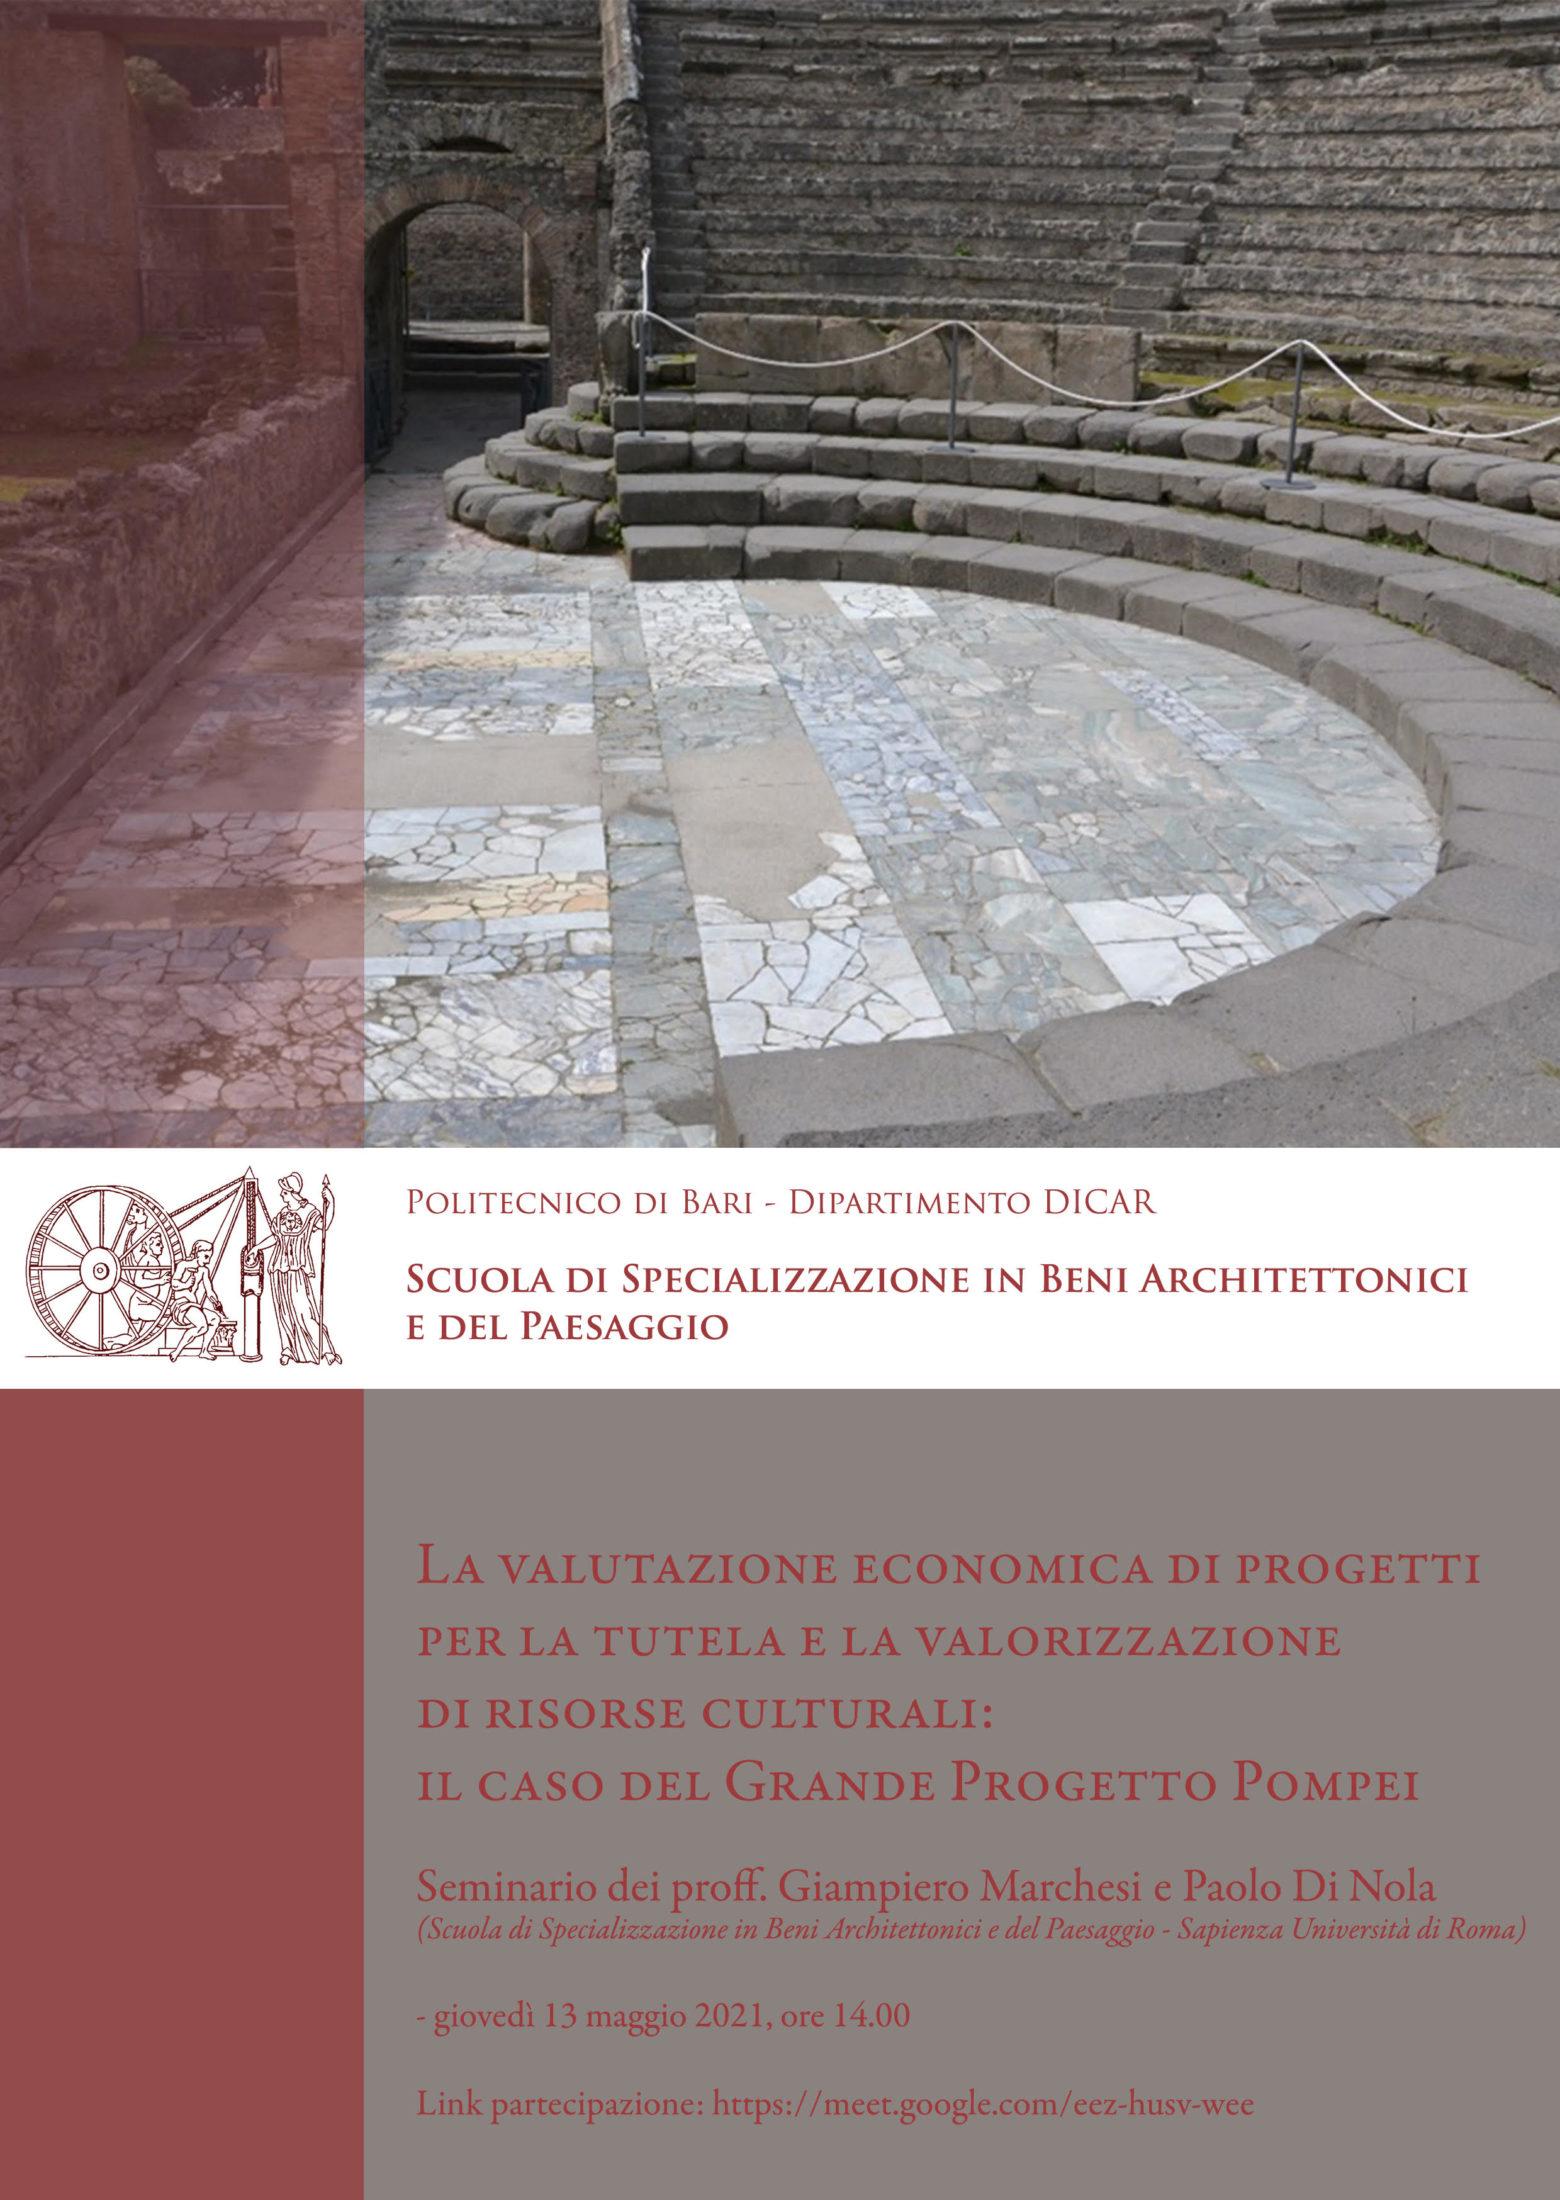 La valutazione economica di progetti per la tutela e la valorizzazione di risorse culturali: il caso del Grande Progetto Pompei